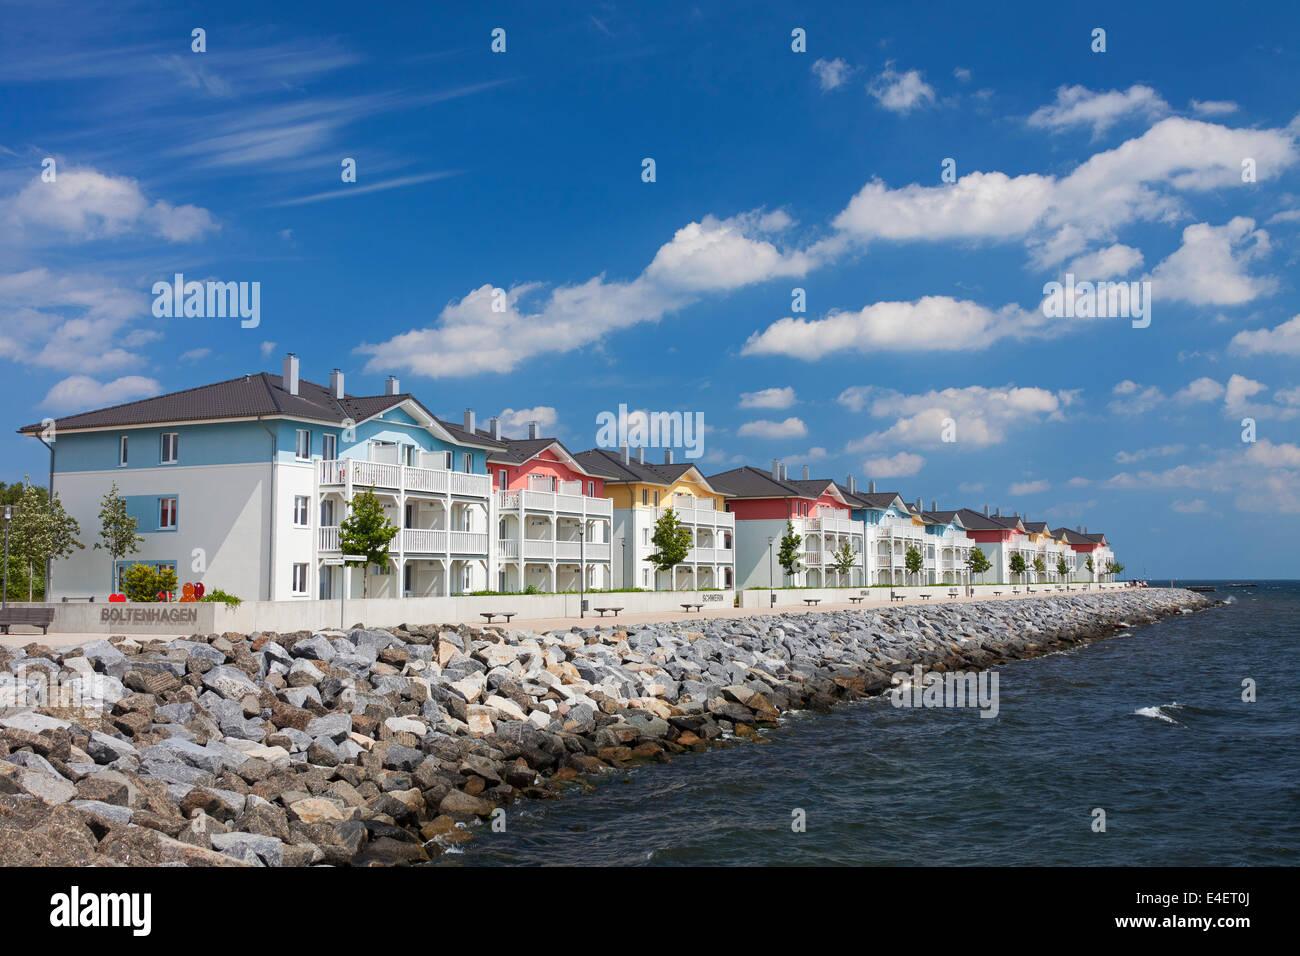 Holiday resort Weisse Wiek / Weiße Wiek at Boltenhagen, Mecklenburg-Vorpommern, Germany - Stock Image